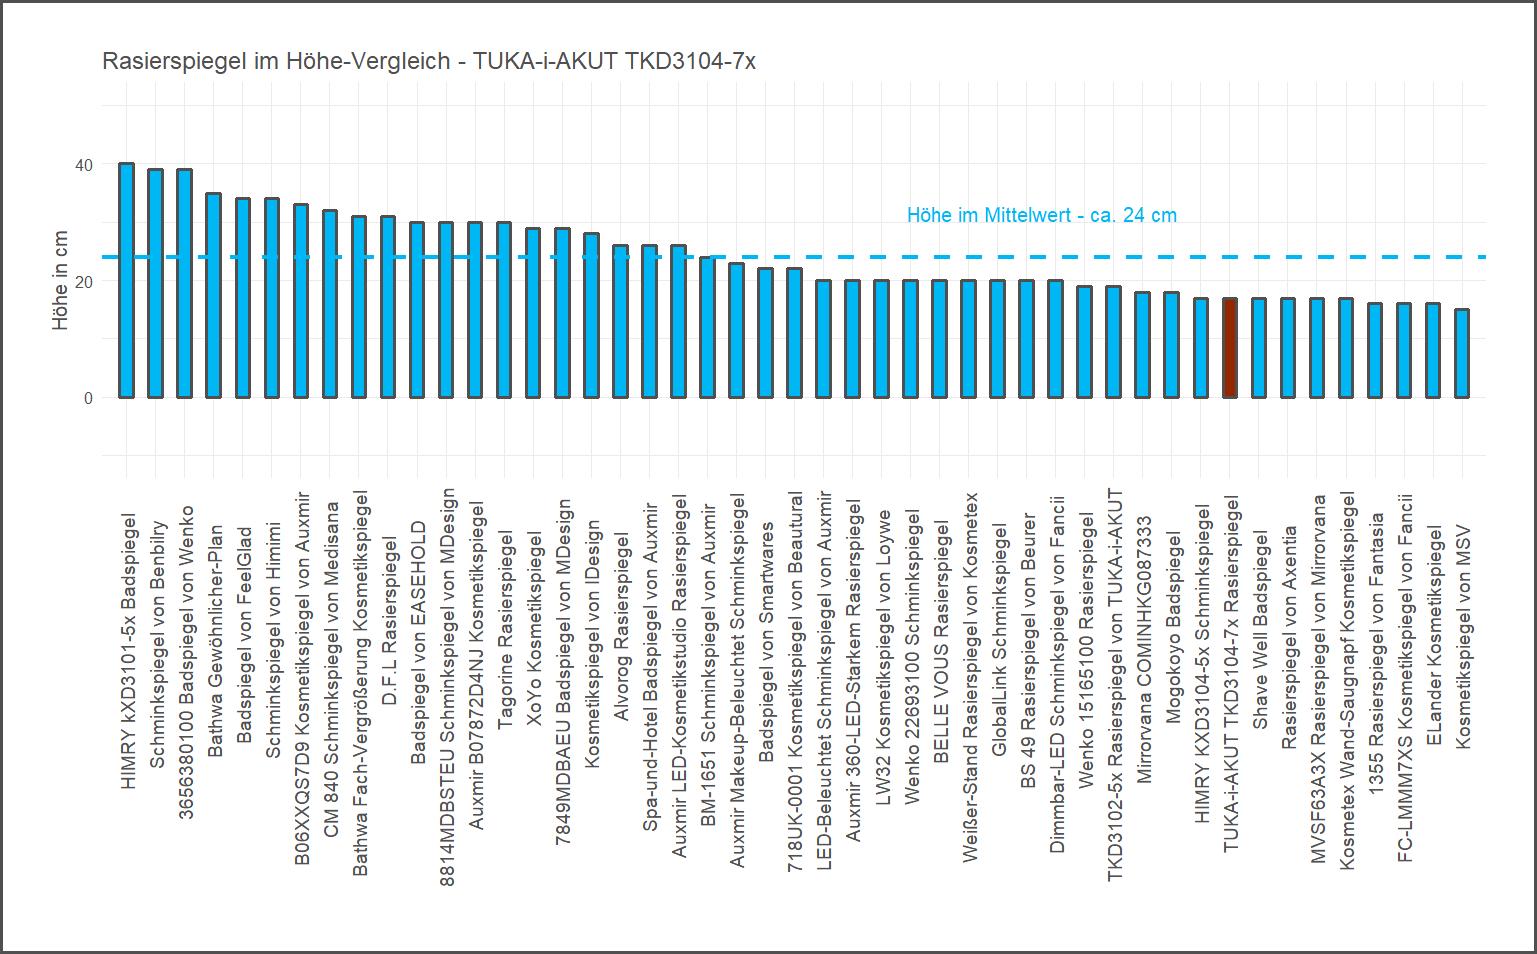 Höhe-Vergleich von dem TUKA-i-AKUT Badspiegel TKD3104-7x